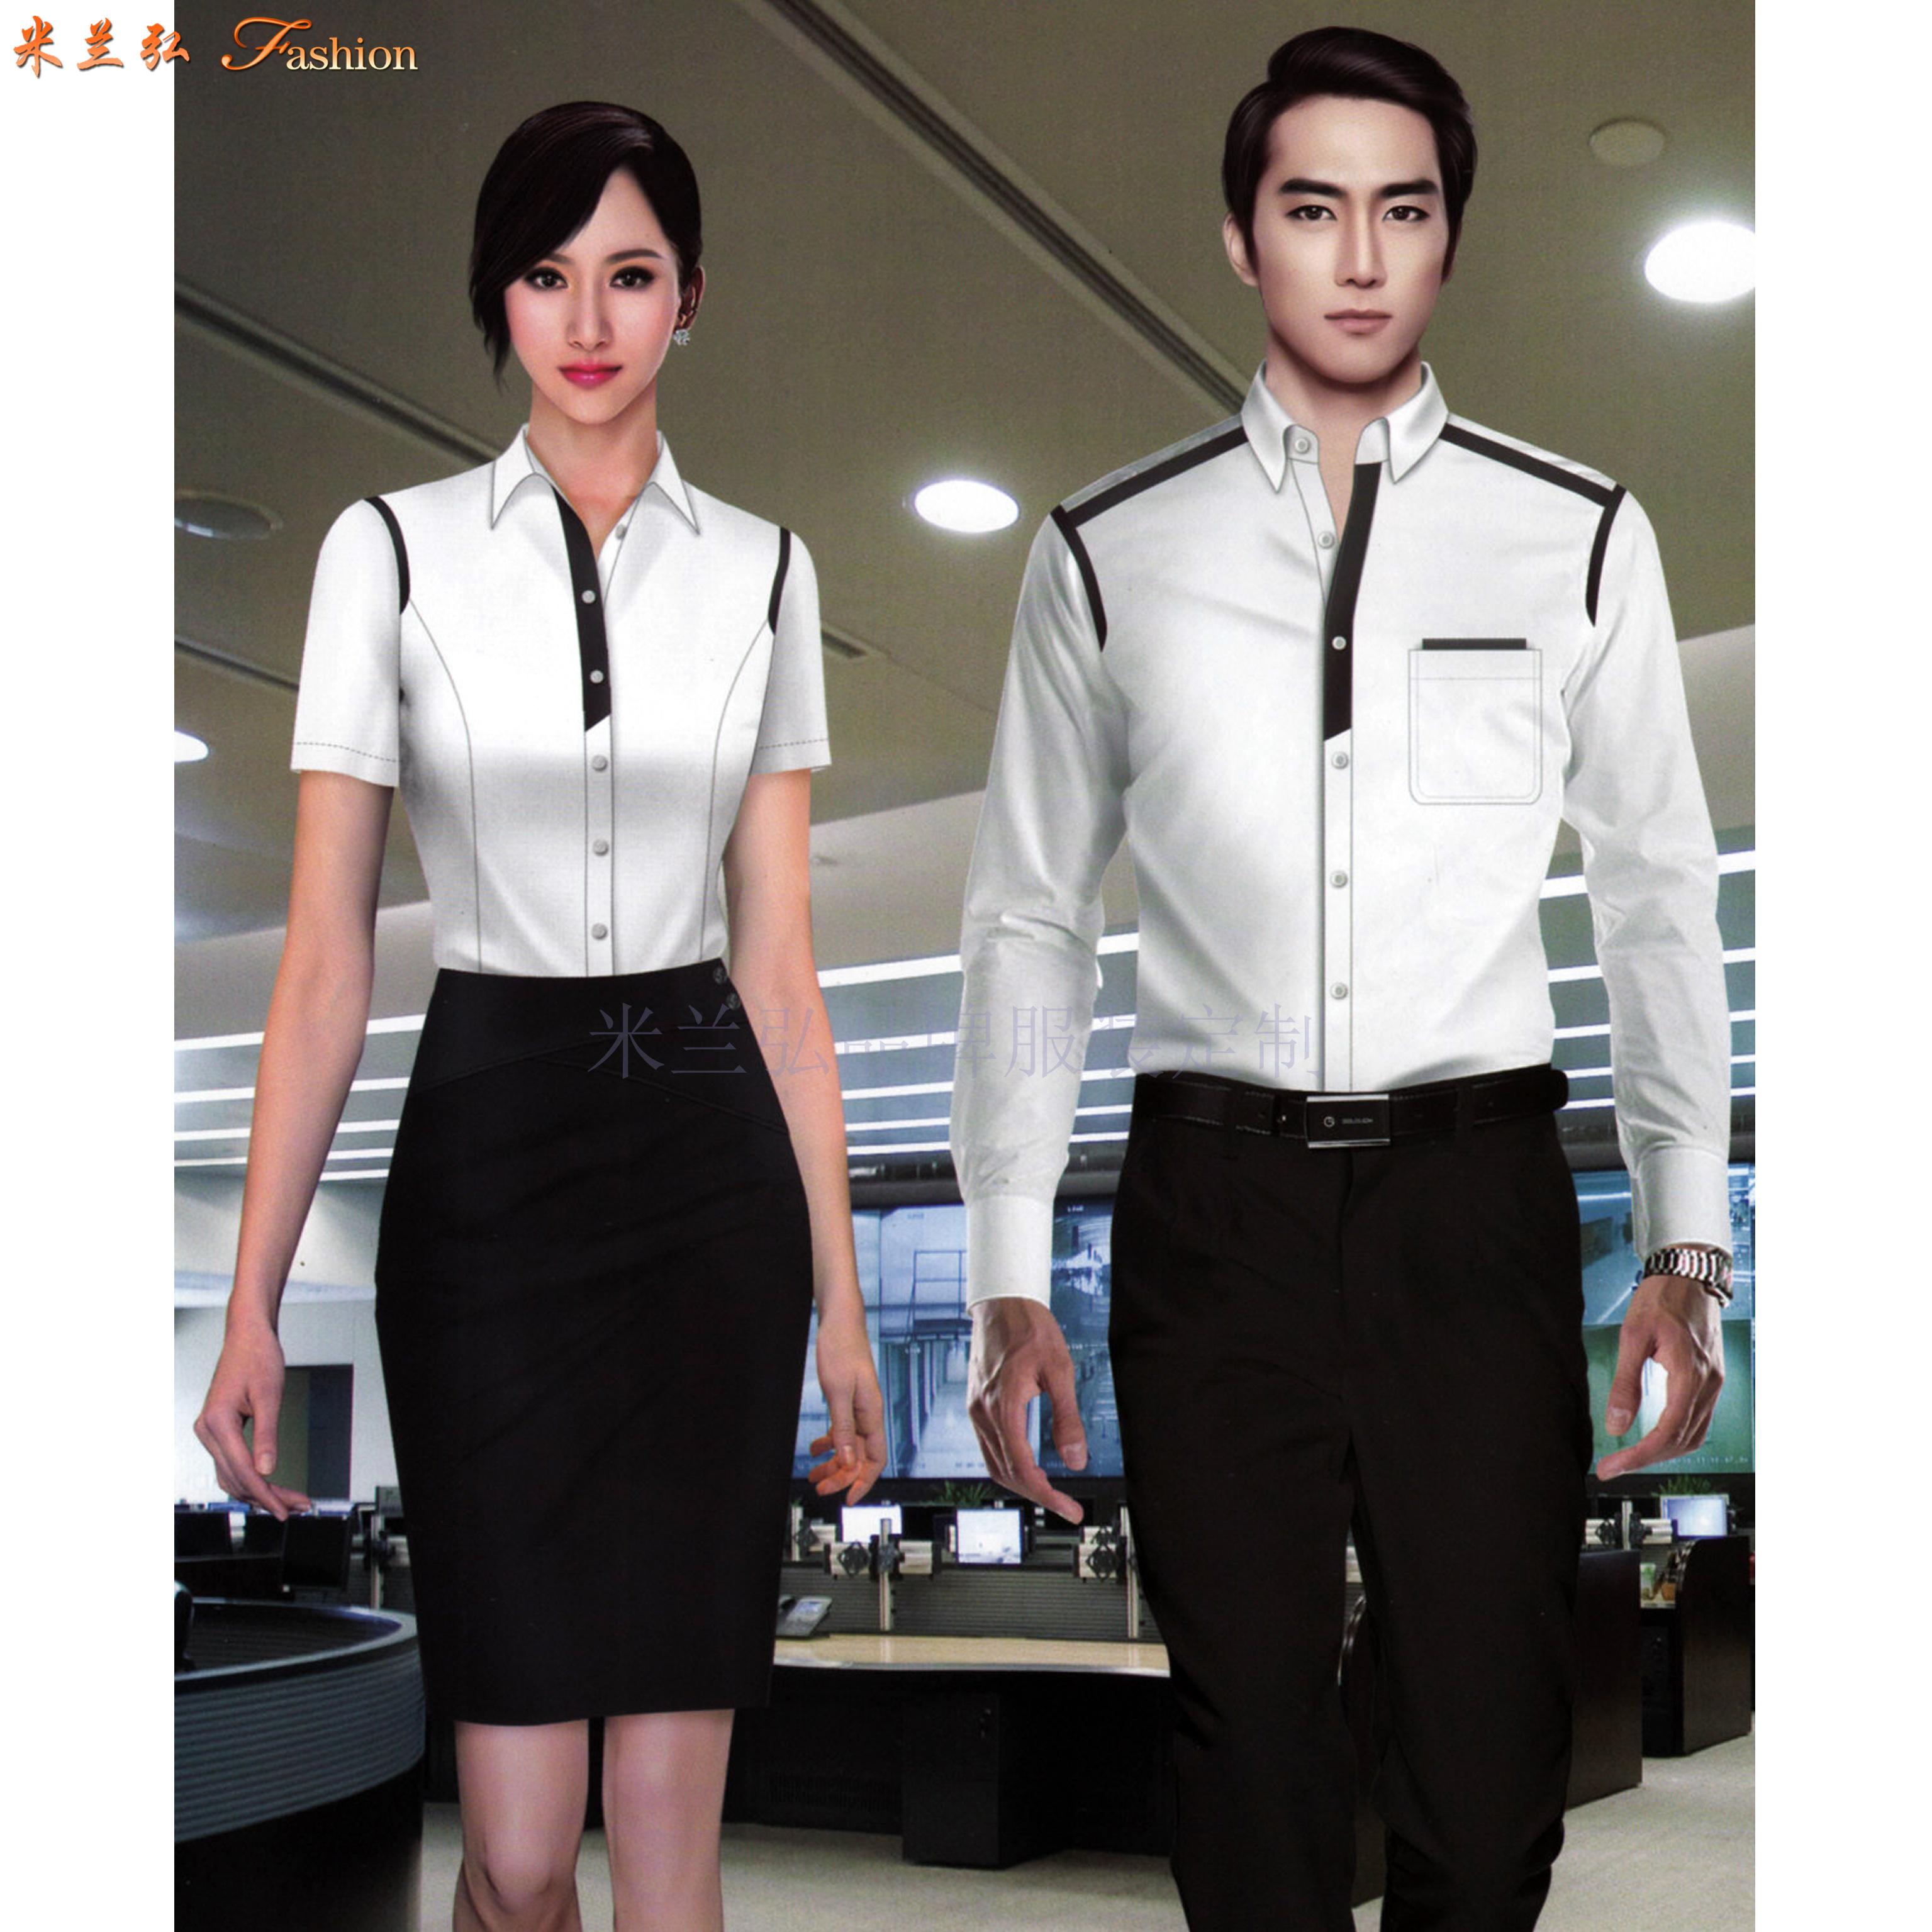 「法式襯衫」定制企業高管純棉免燙法式襯衫、白色防靜電襯衫-5